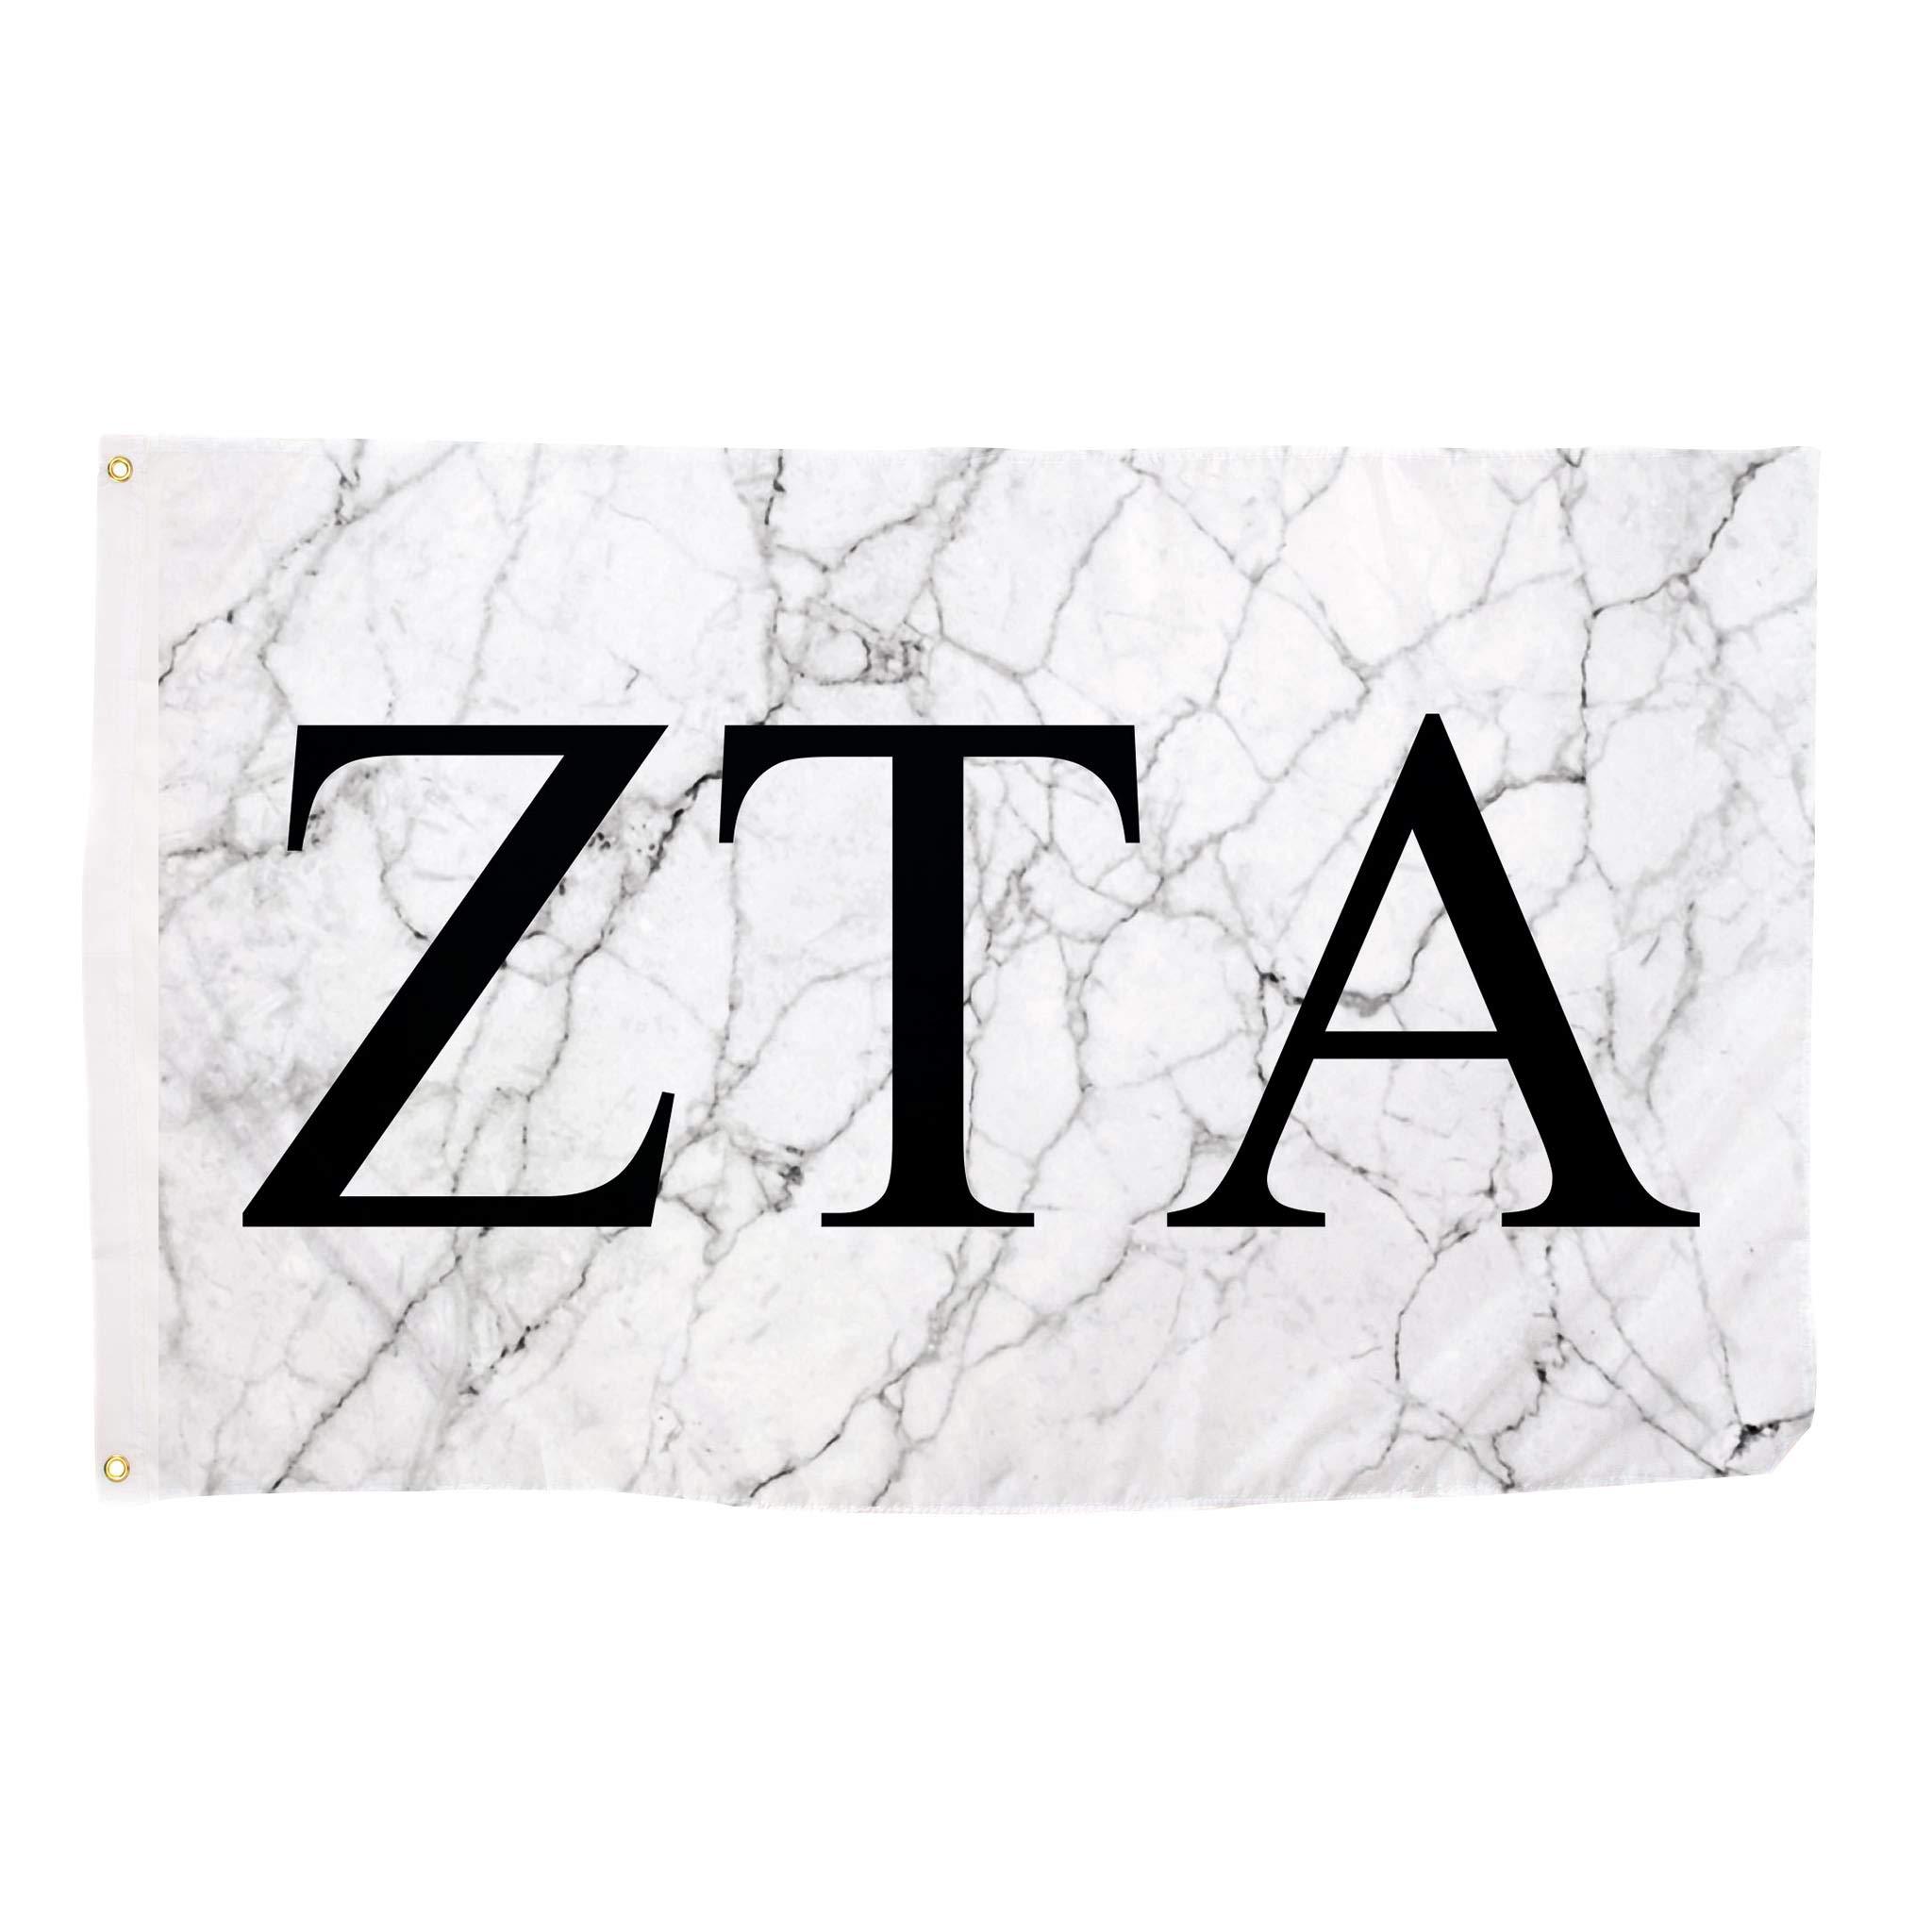 Zeta Tau Alpha ZTA Light Marble Sorority Letter Flag Banner 3 x 5 Sign Decor